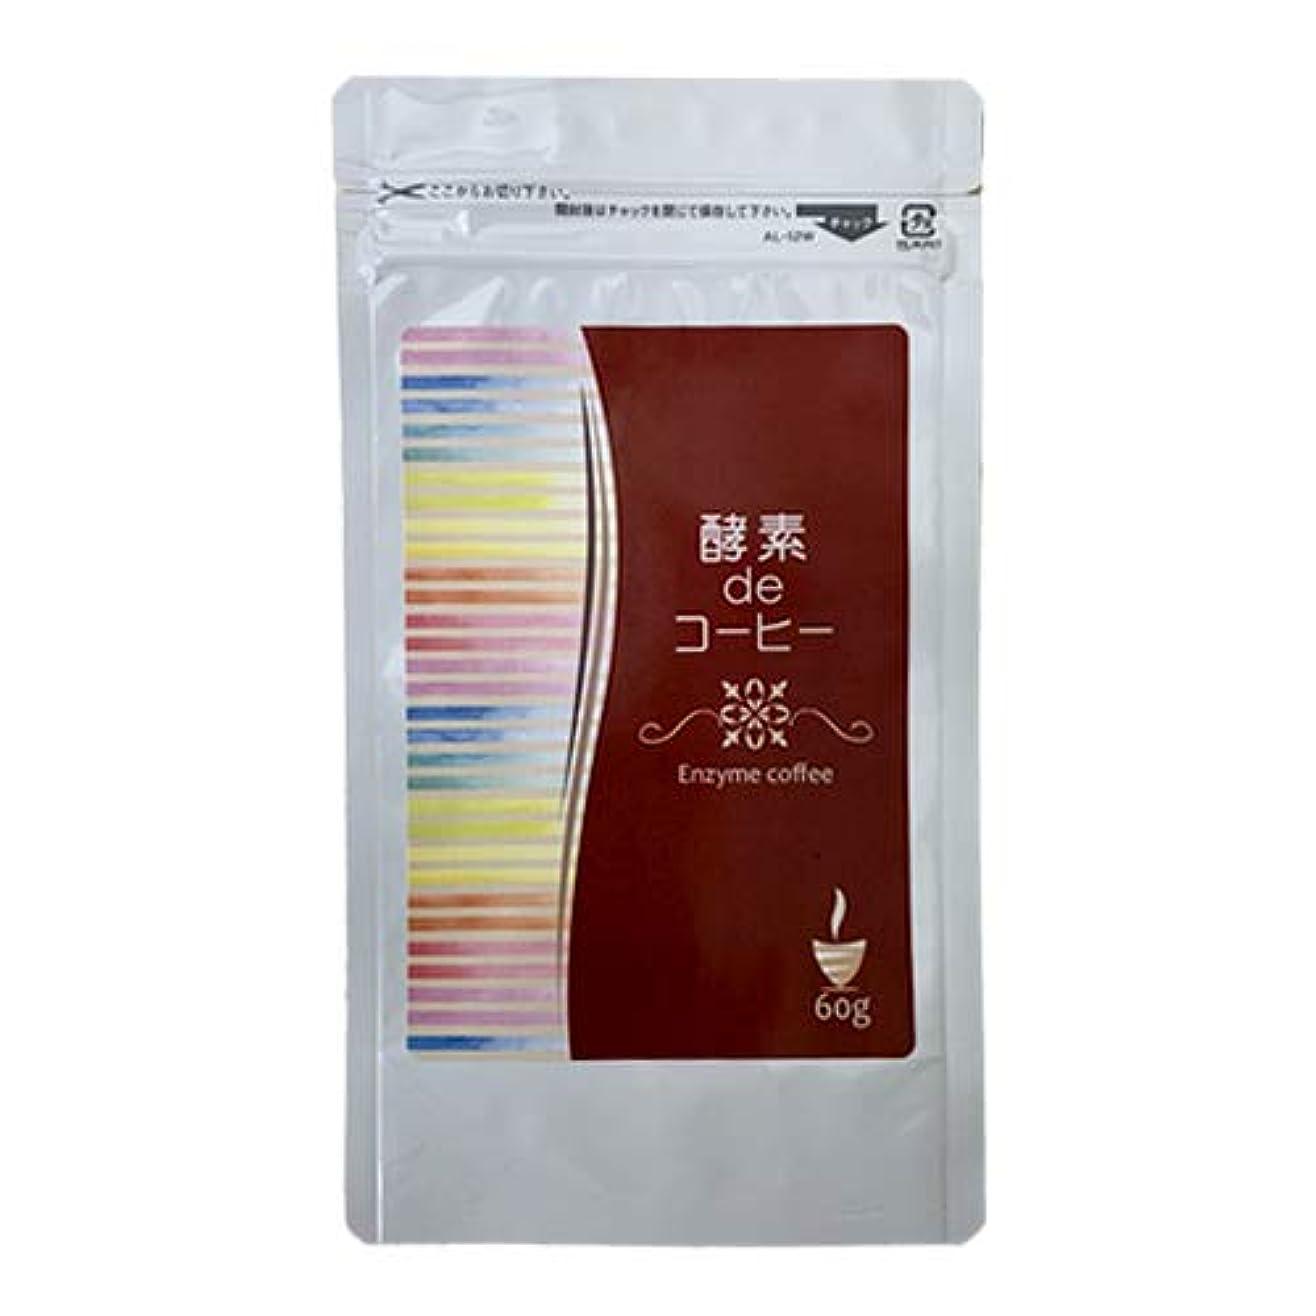 キリマンジャロ人生を作る説明酵素deコーヒー